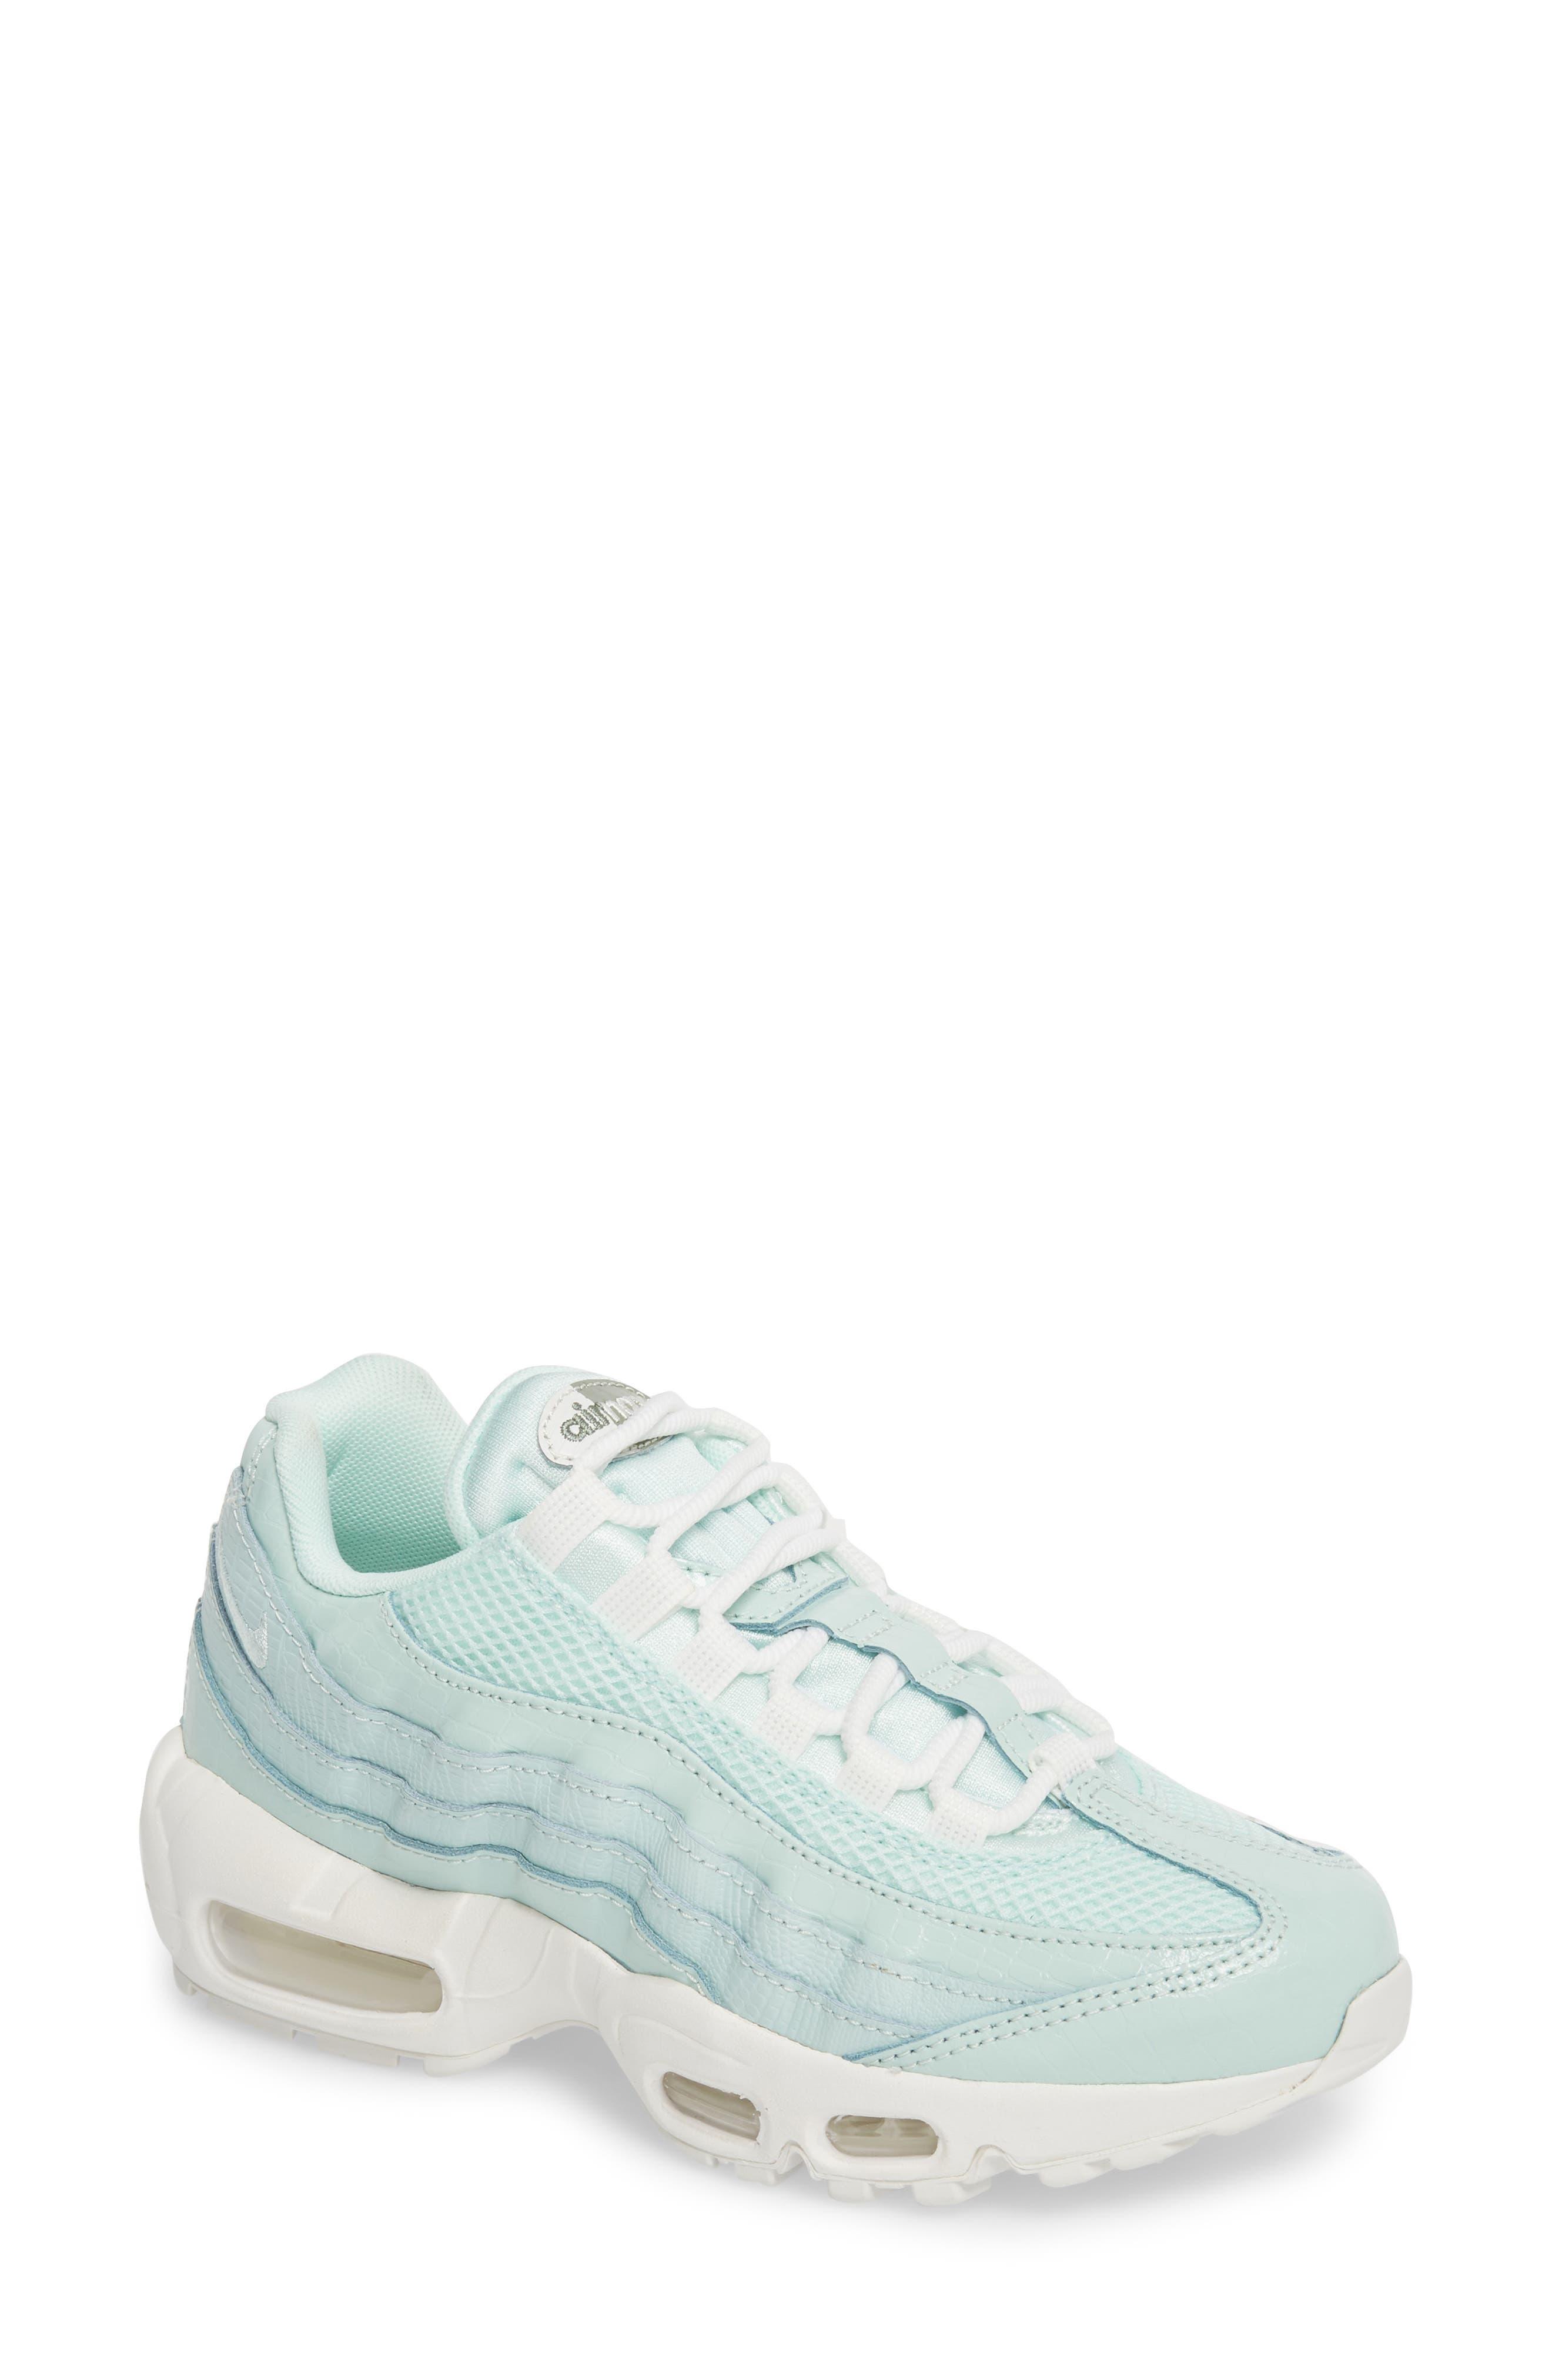 Nike Air Max 95 Premium Sneaker (Women)